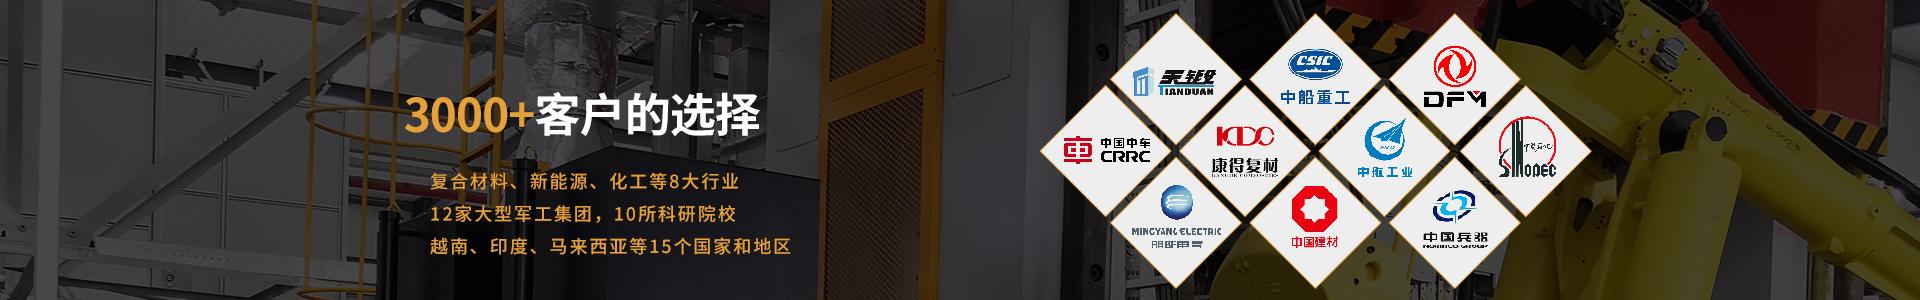 复合材料 锂电池 反应釜等8大行业模温机定制